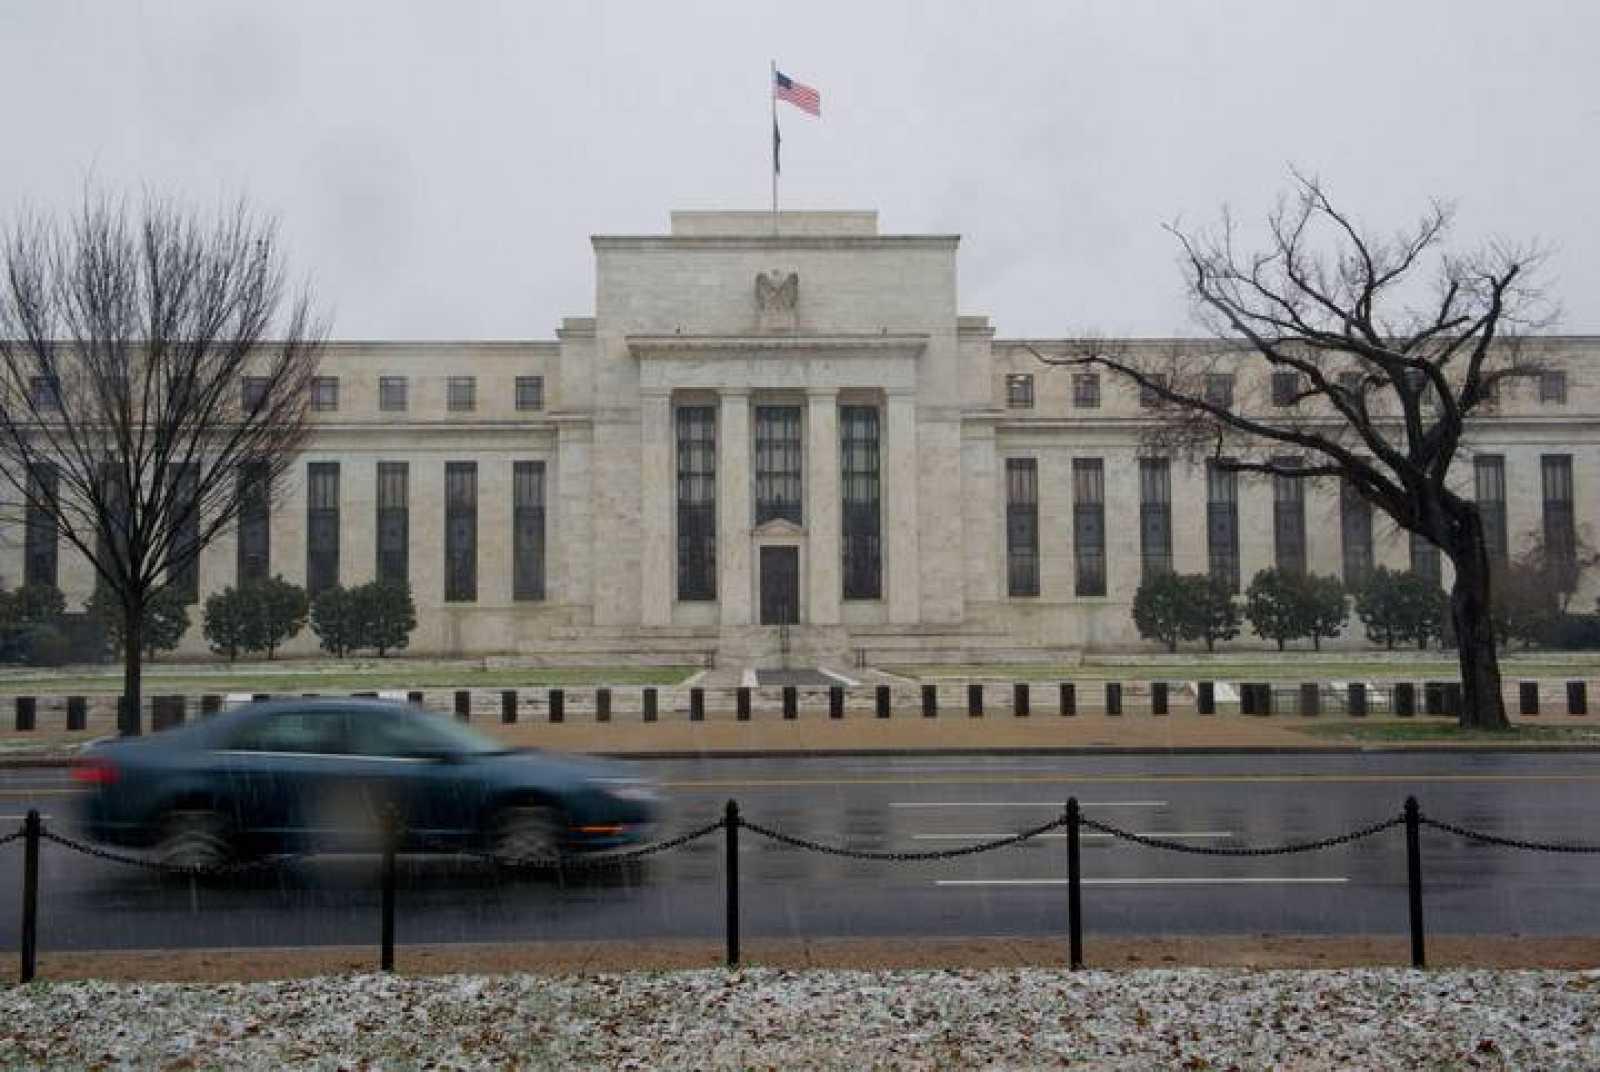 La sede de la Reserva Federal en Washington, DC.